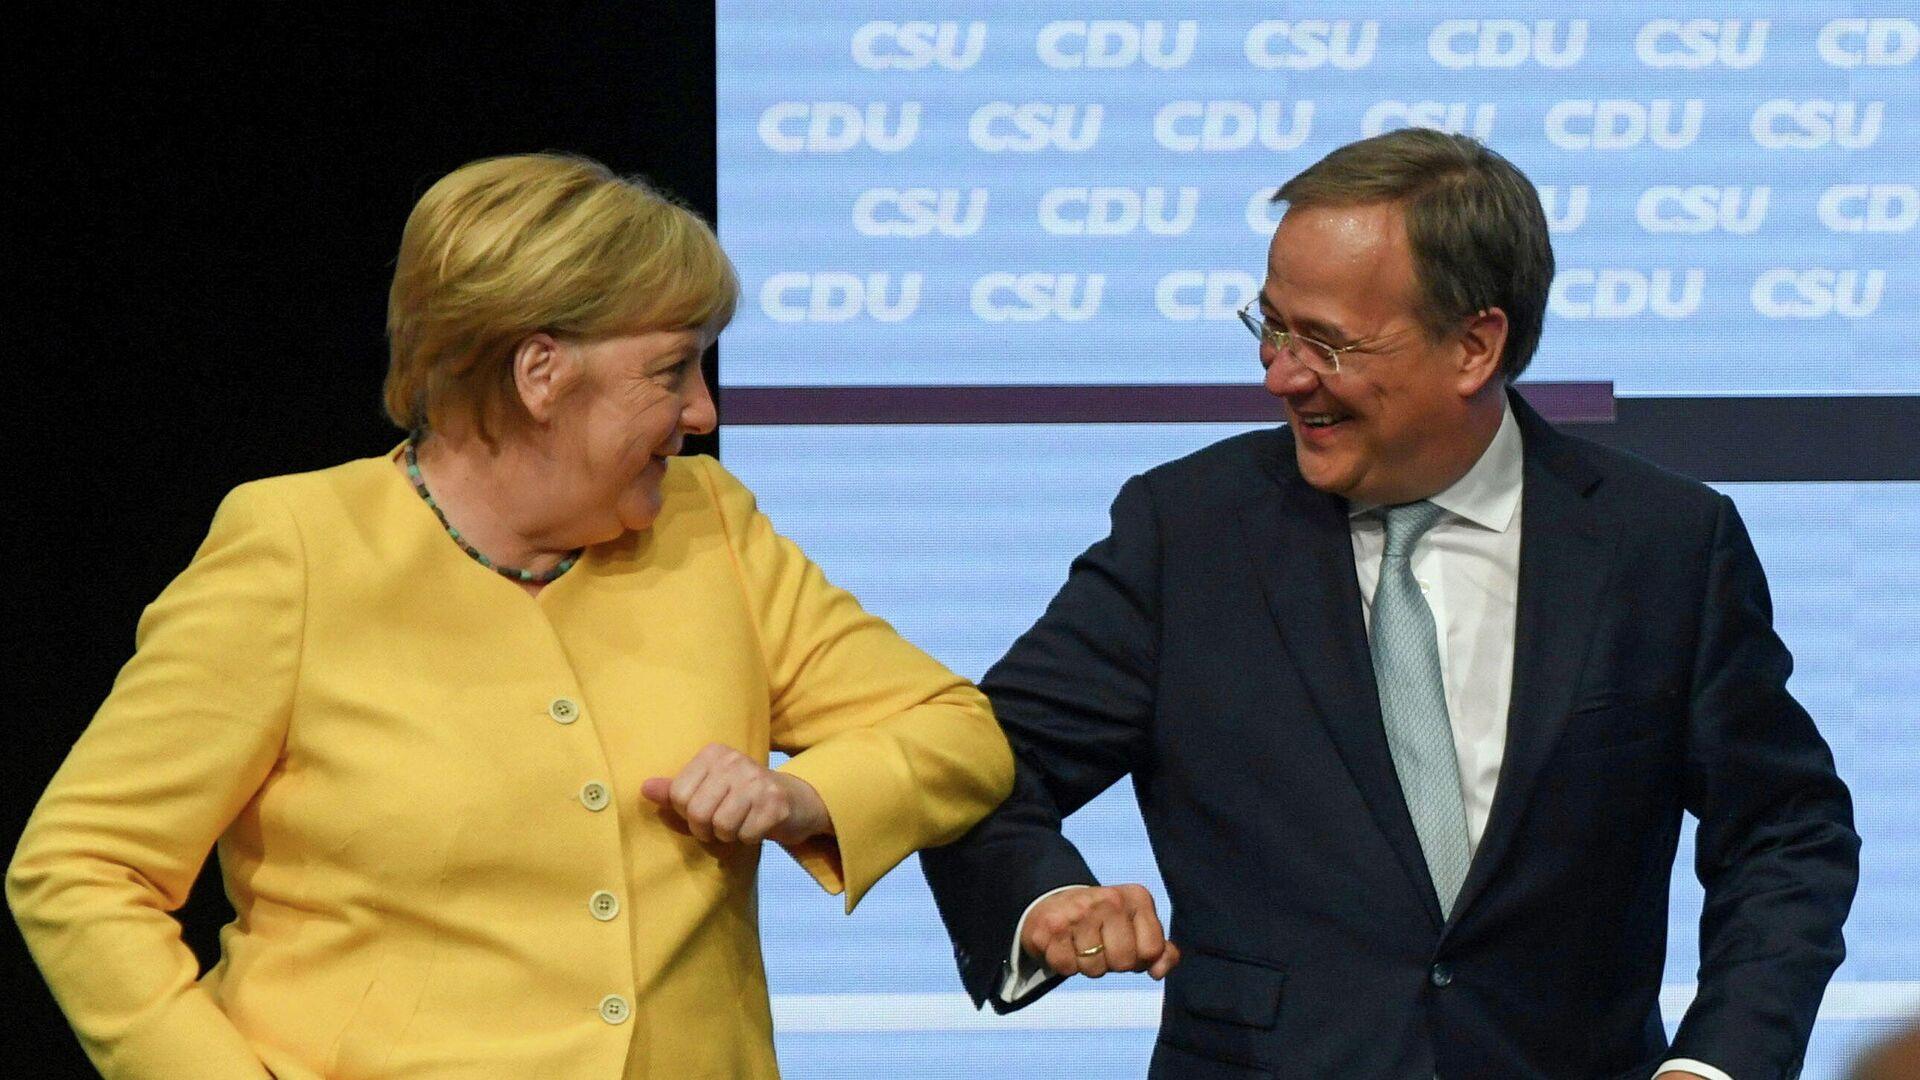 La canciller saliente de Alemania, Angela Merkel, y el candidato de la CDU, Armin Laschet - Sputnik Mundo, 1920, 23.08.2021